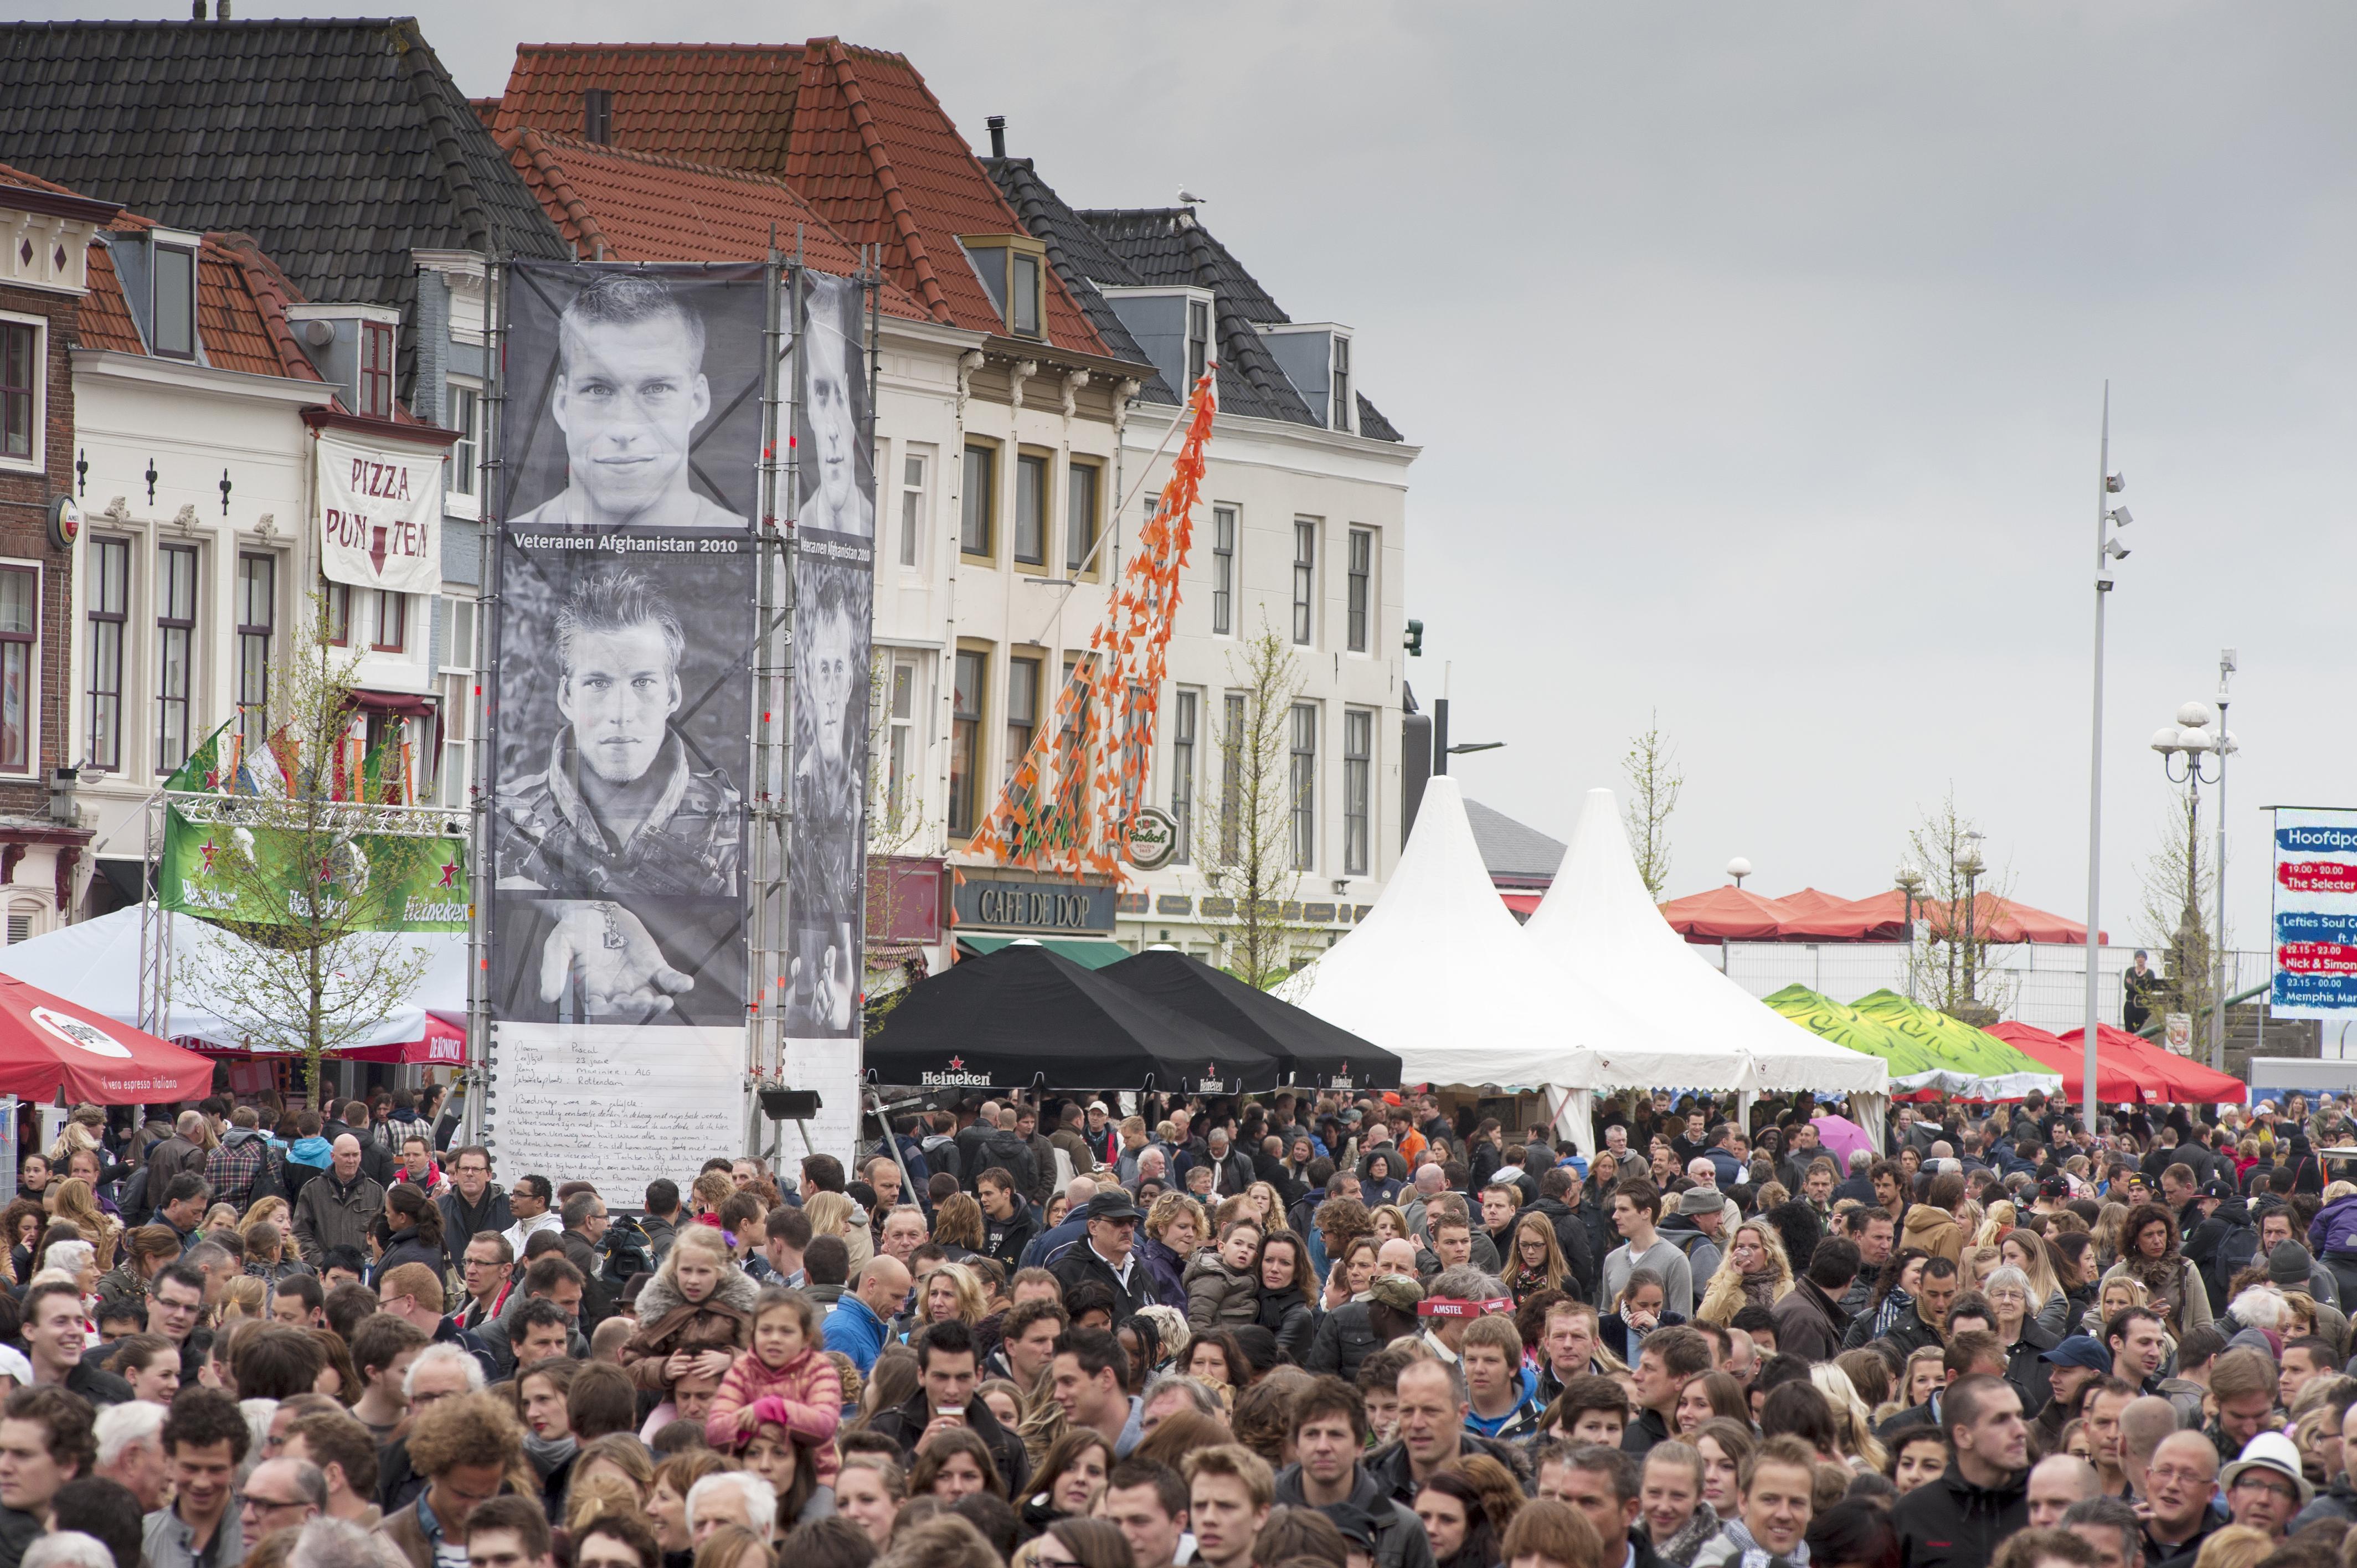 Bevrijdingsfestival Vlissingen